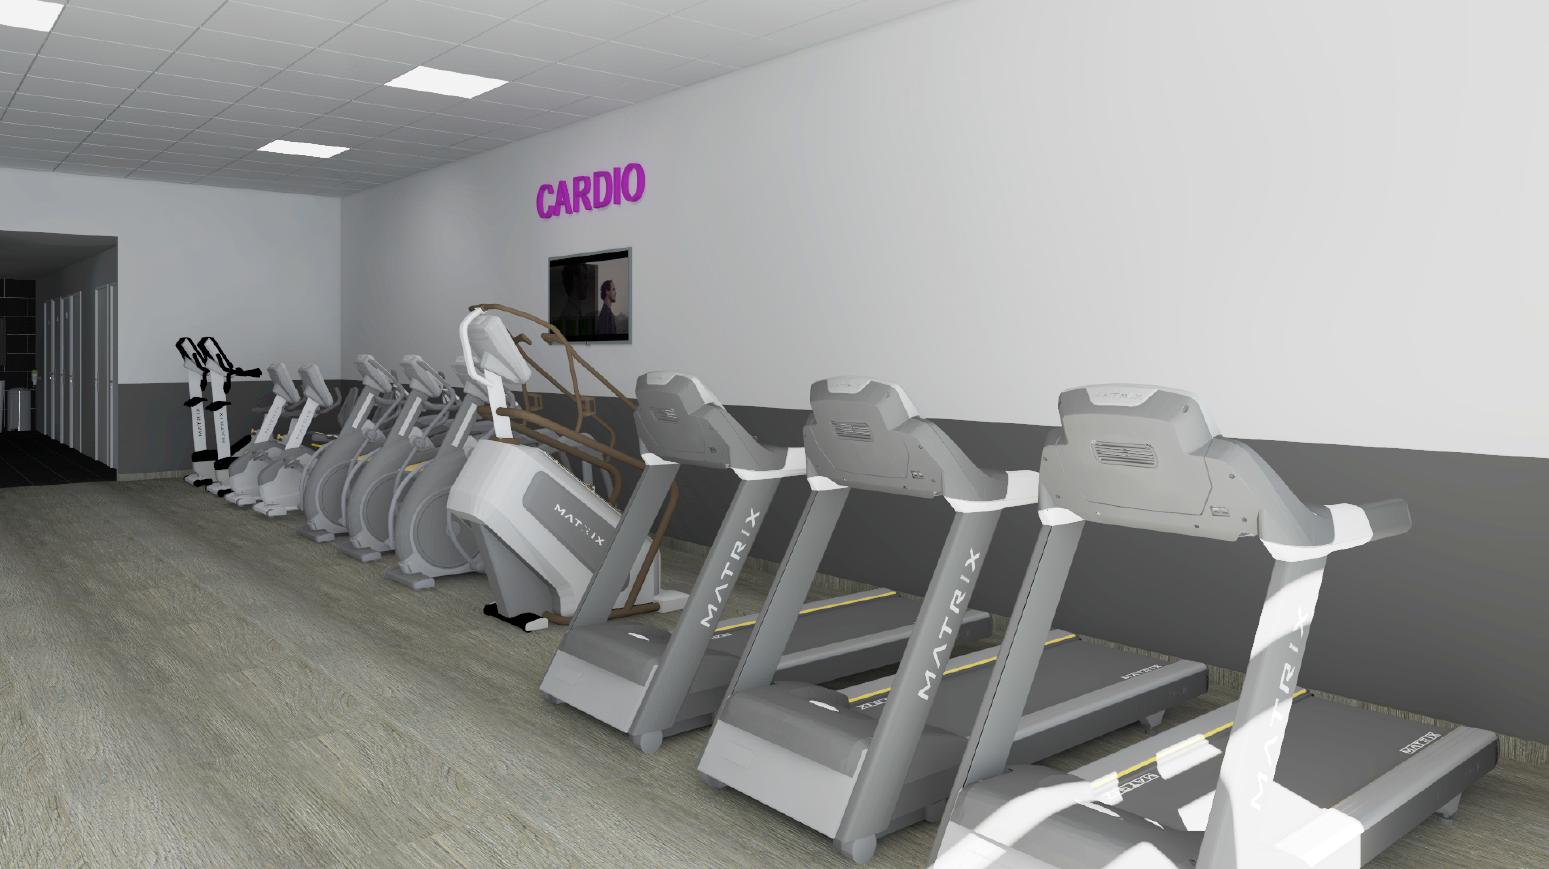 Salle de sport la penne-sur-Huveaune cardio